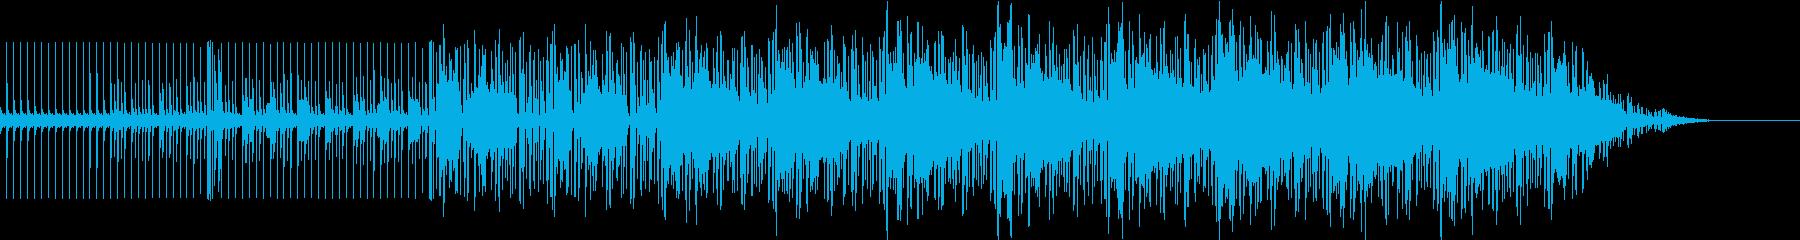 重低音のダンスミュージックの再生済みの波形